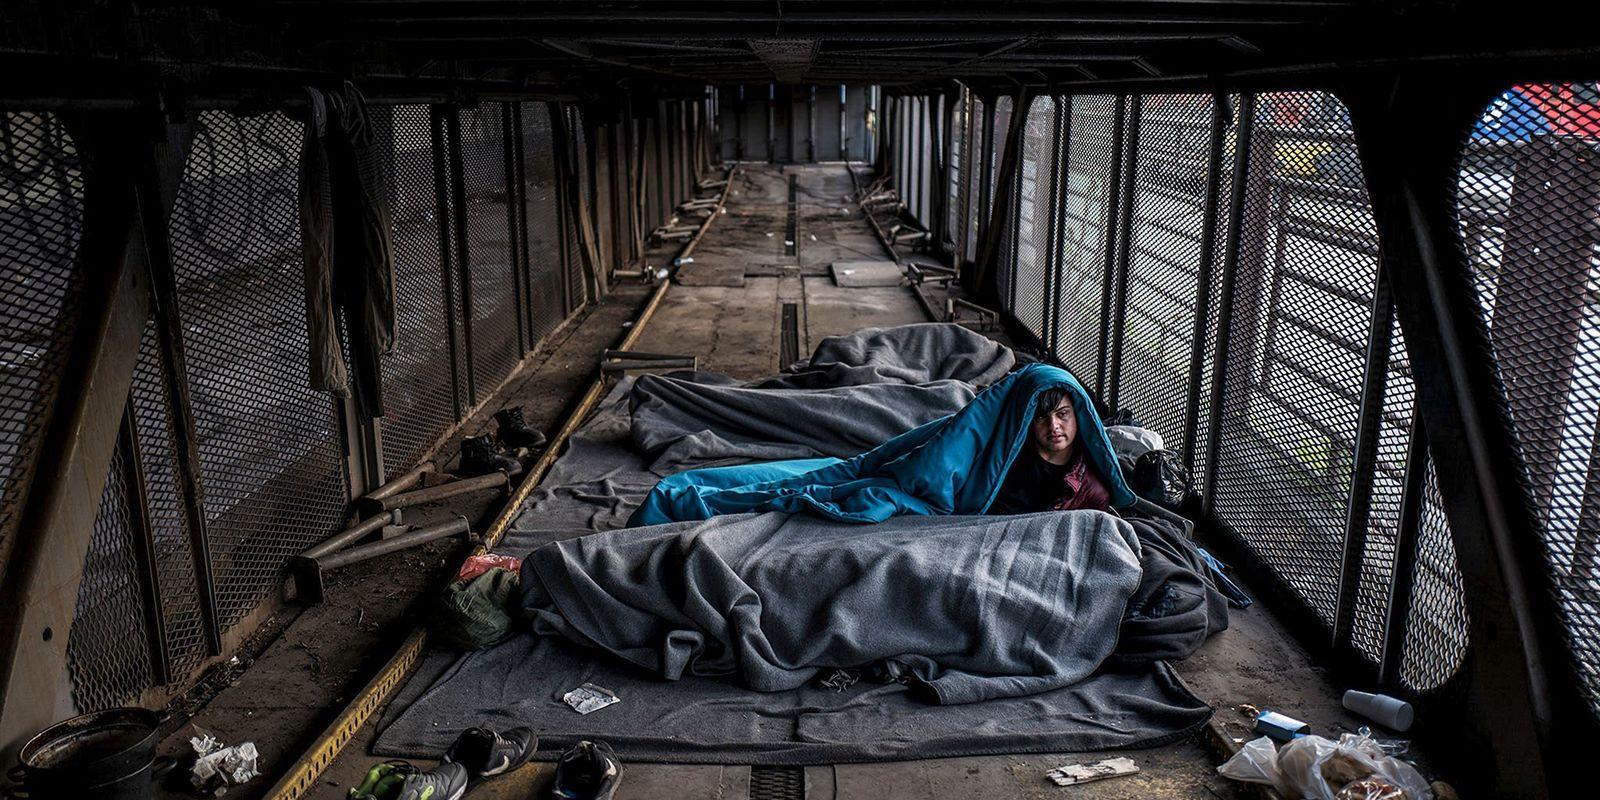 Des millions de réfugiés passent plus de cinq ans en exil